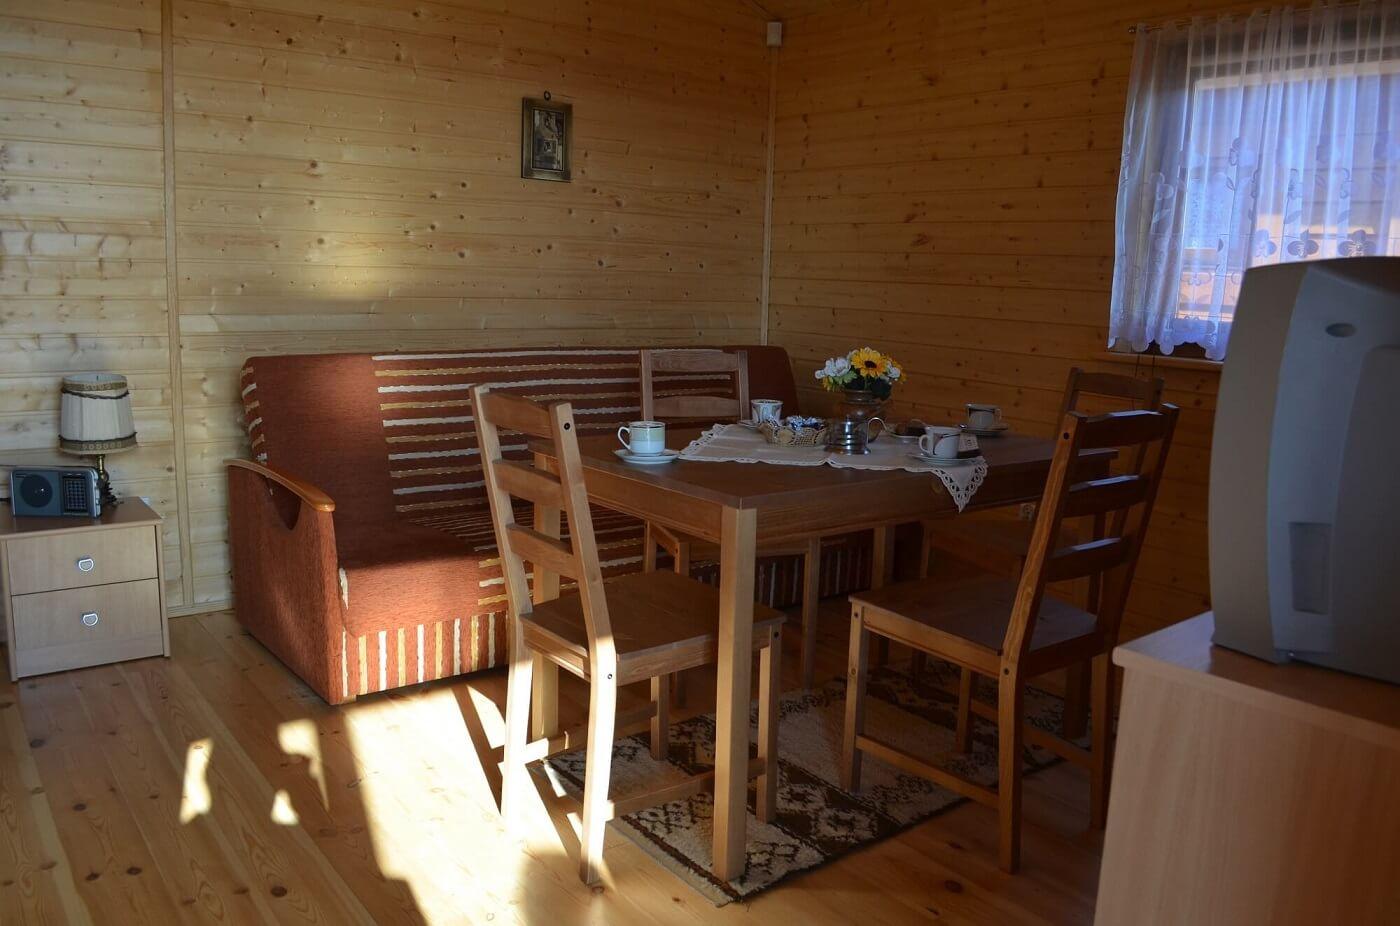 Pokój dzienny w domku letniskowym nad morzem